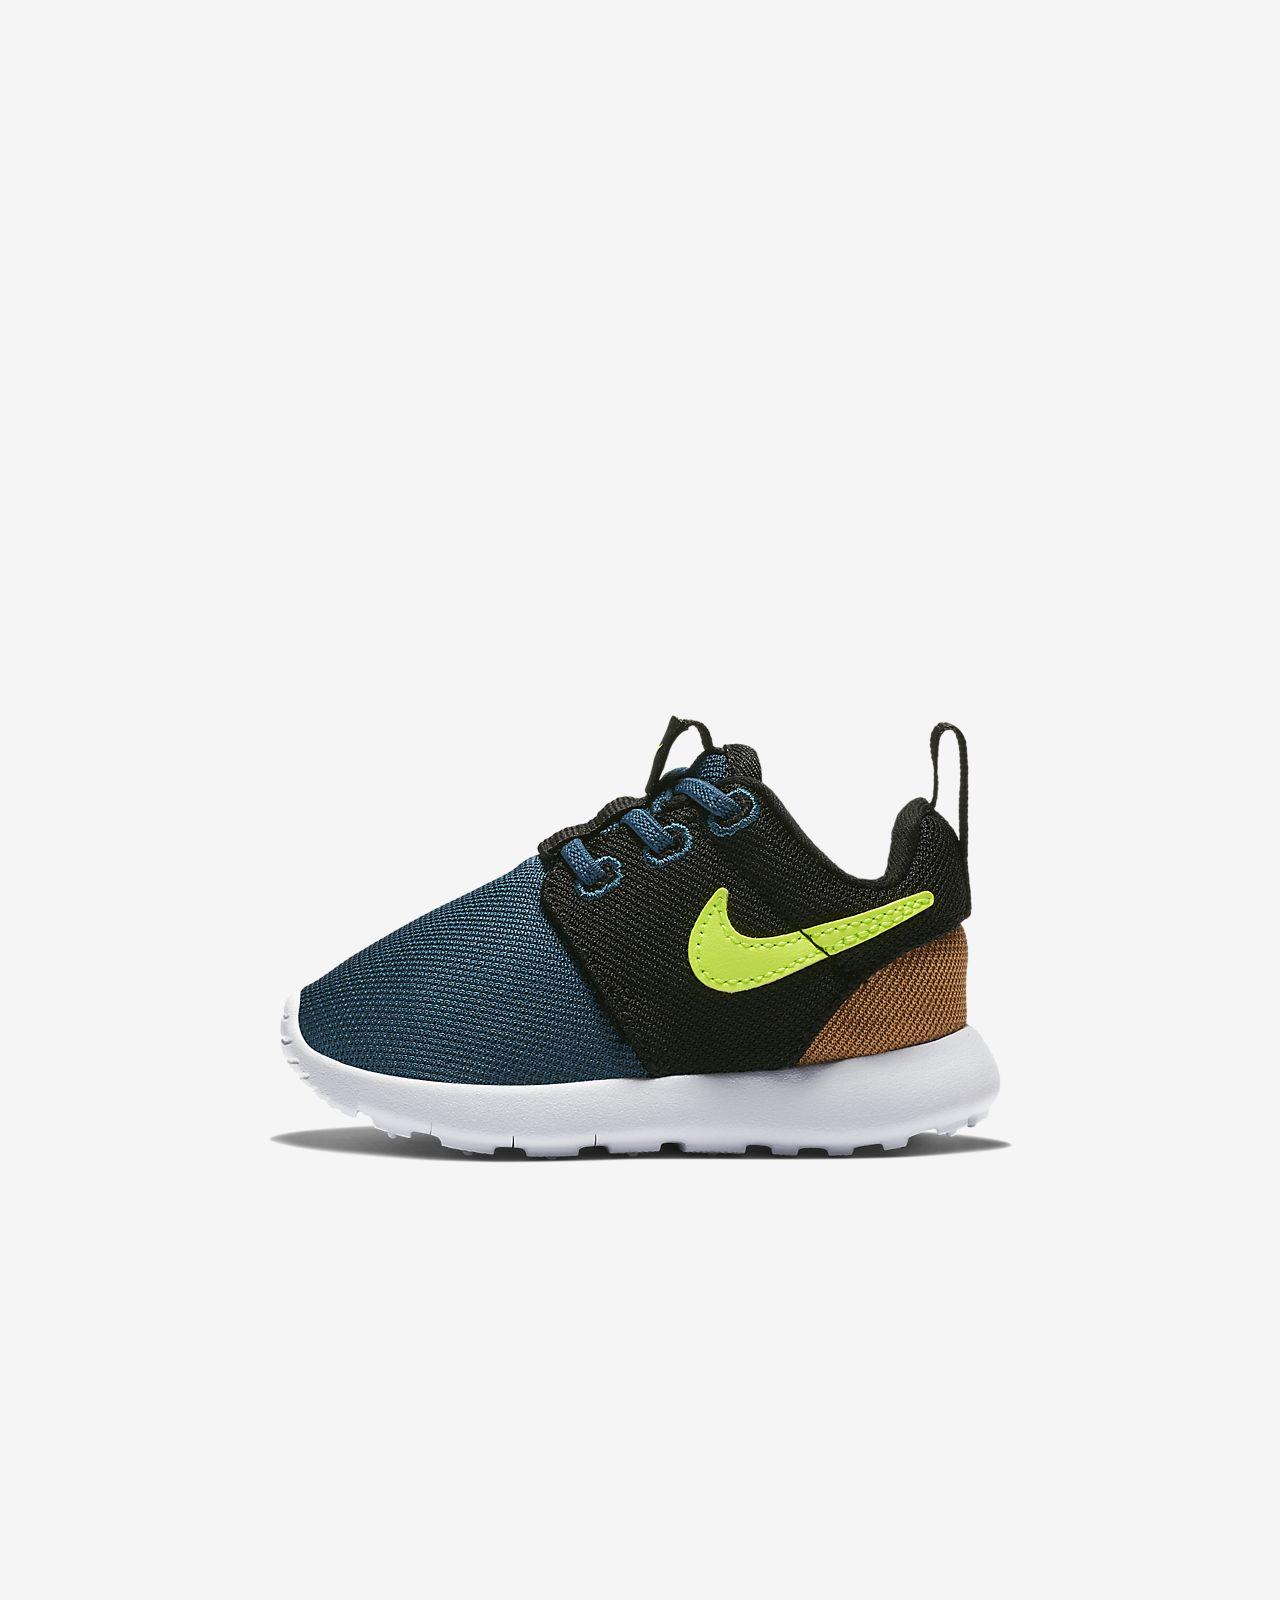 043240b15525 ... where to buy nike roshe one infant toddler shoe 47d61 d85d6